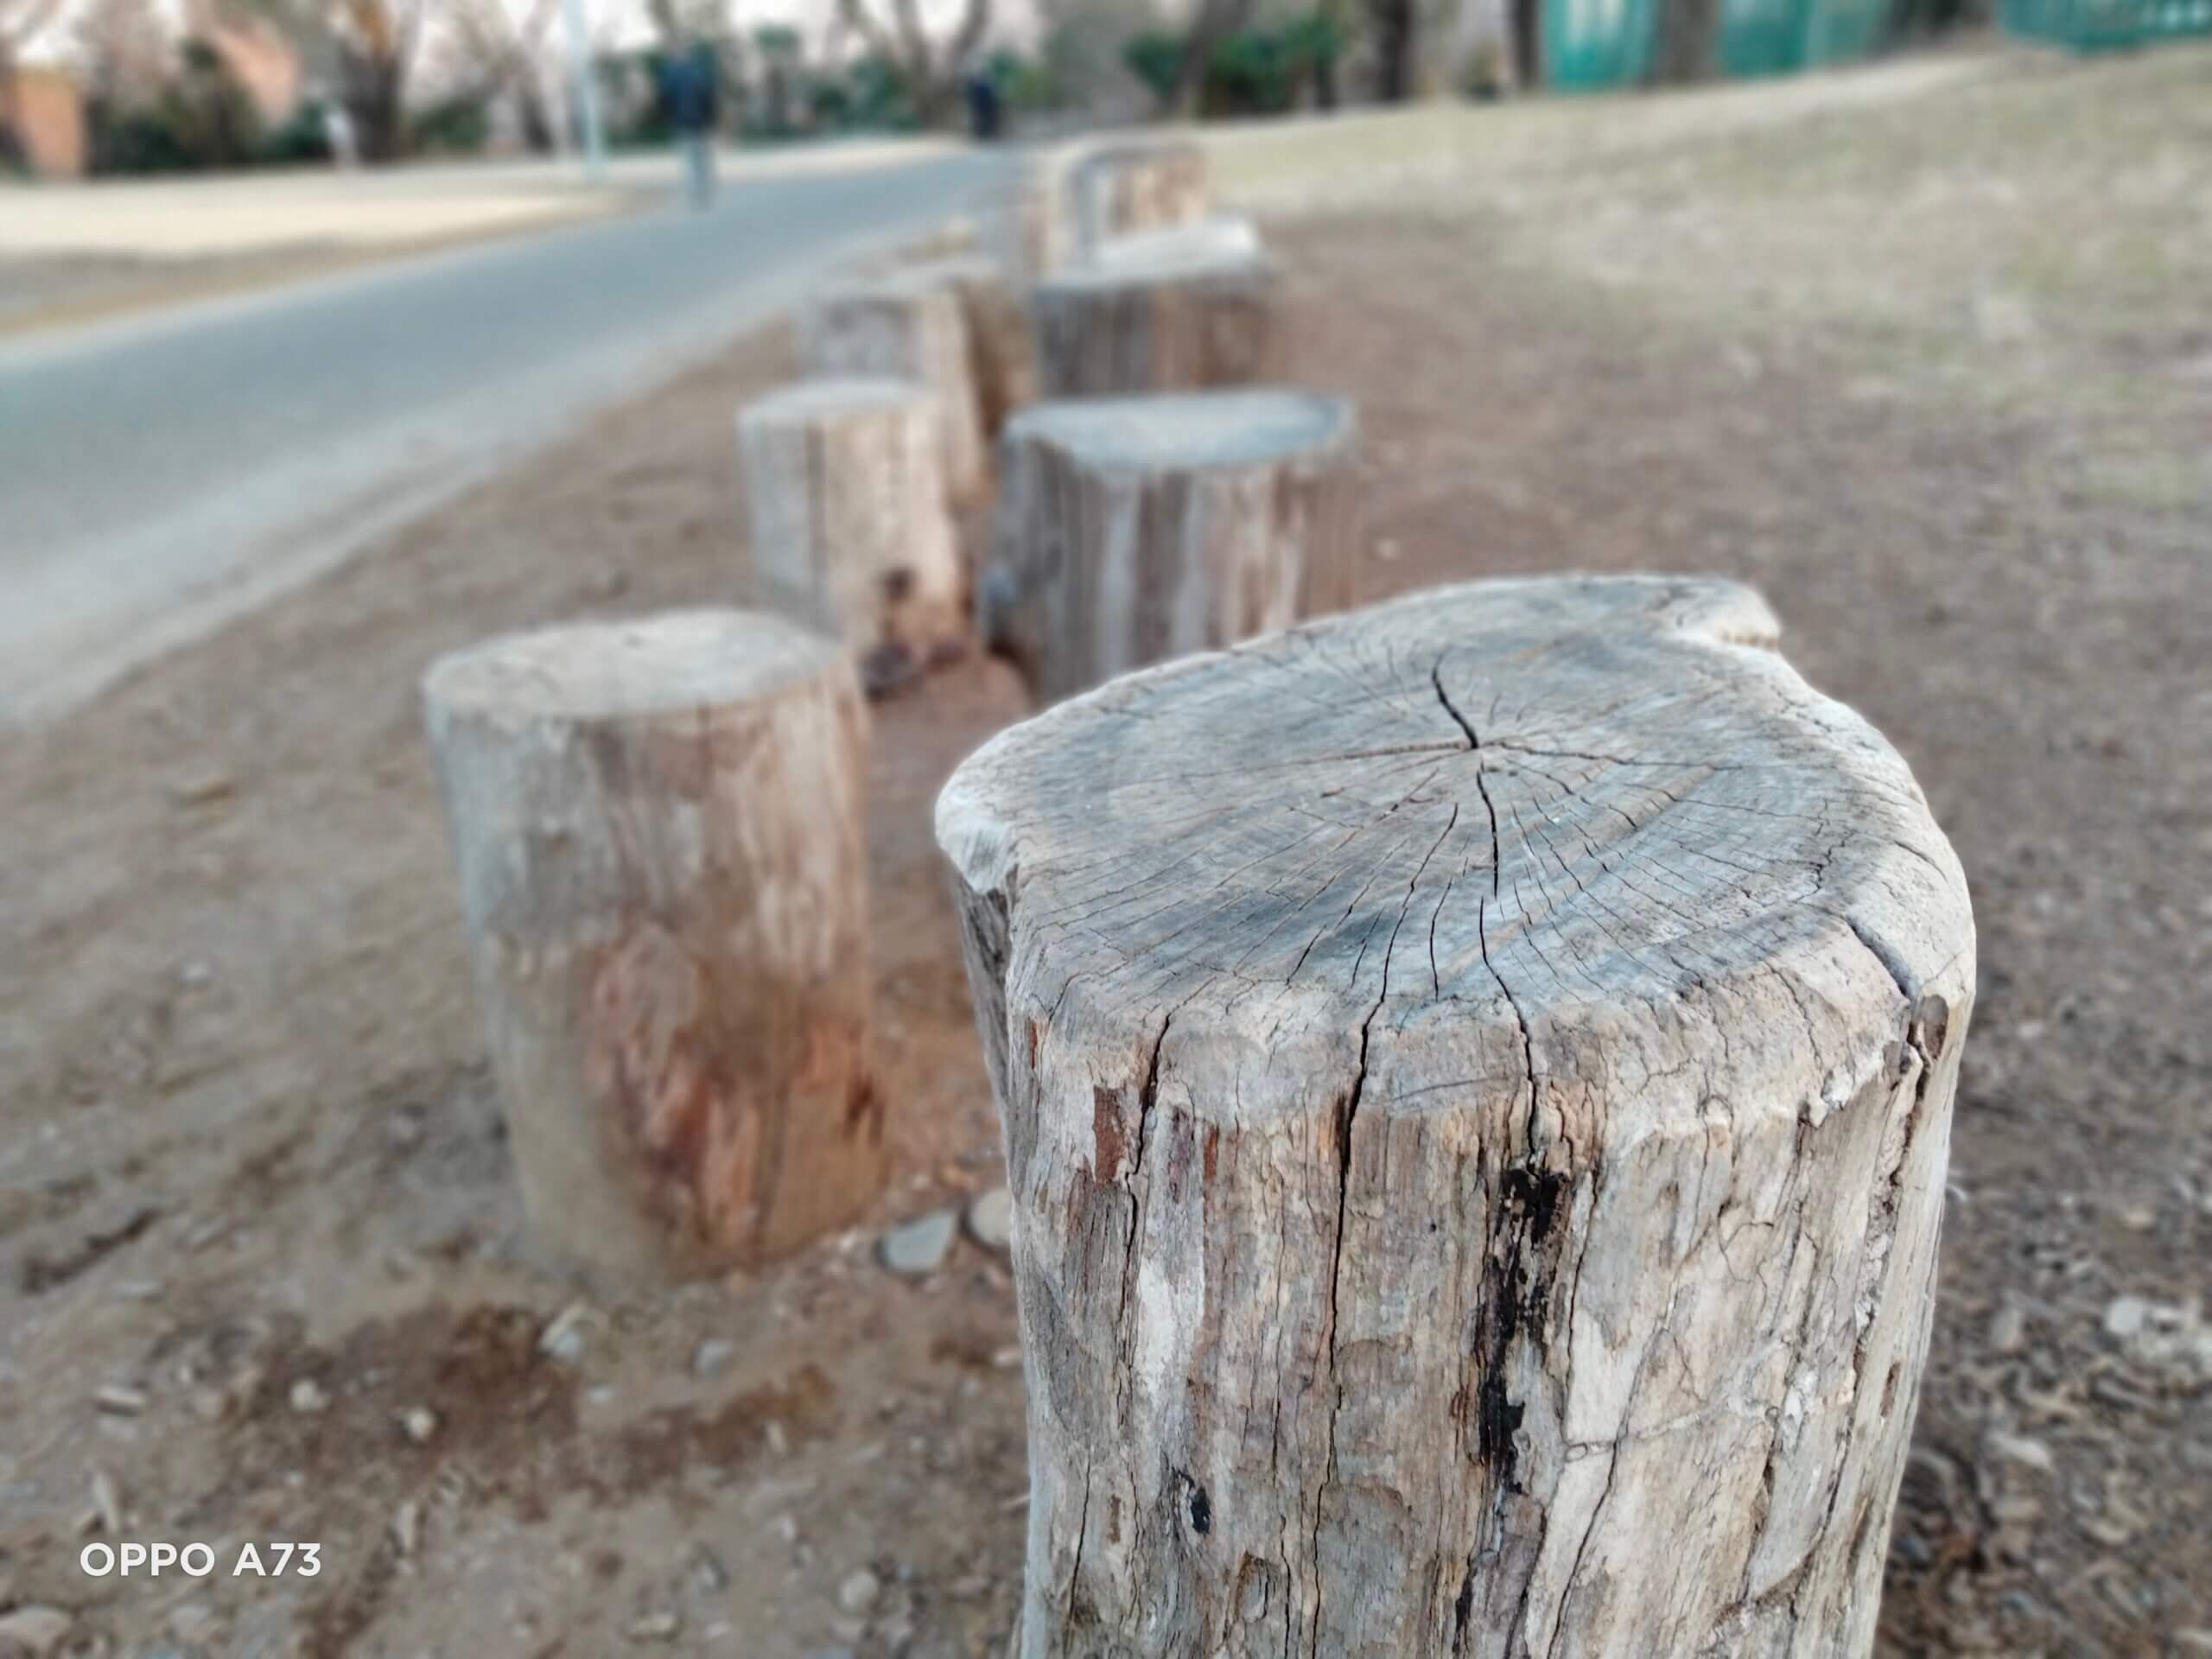 OPPO A73のポートレートモードで撮影木の丸太を撮影